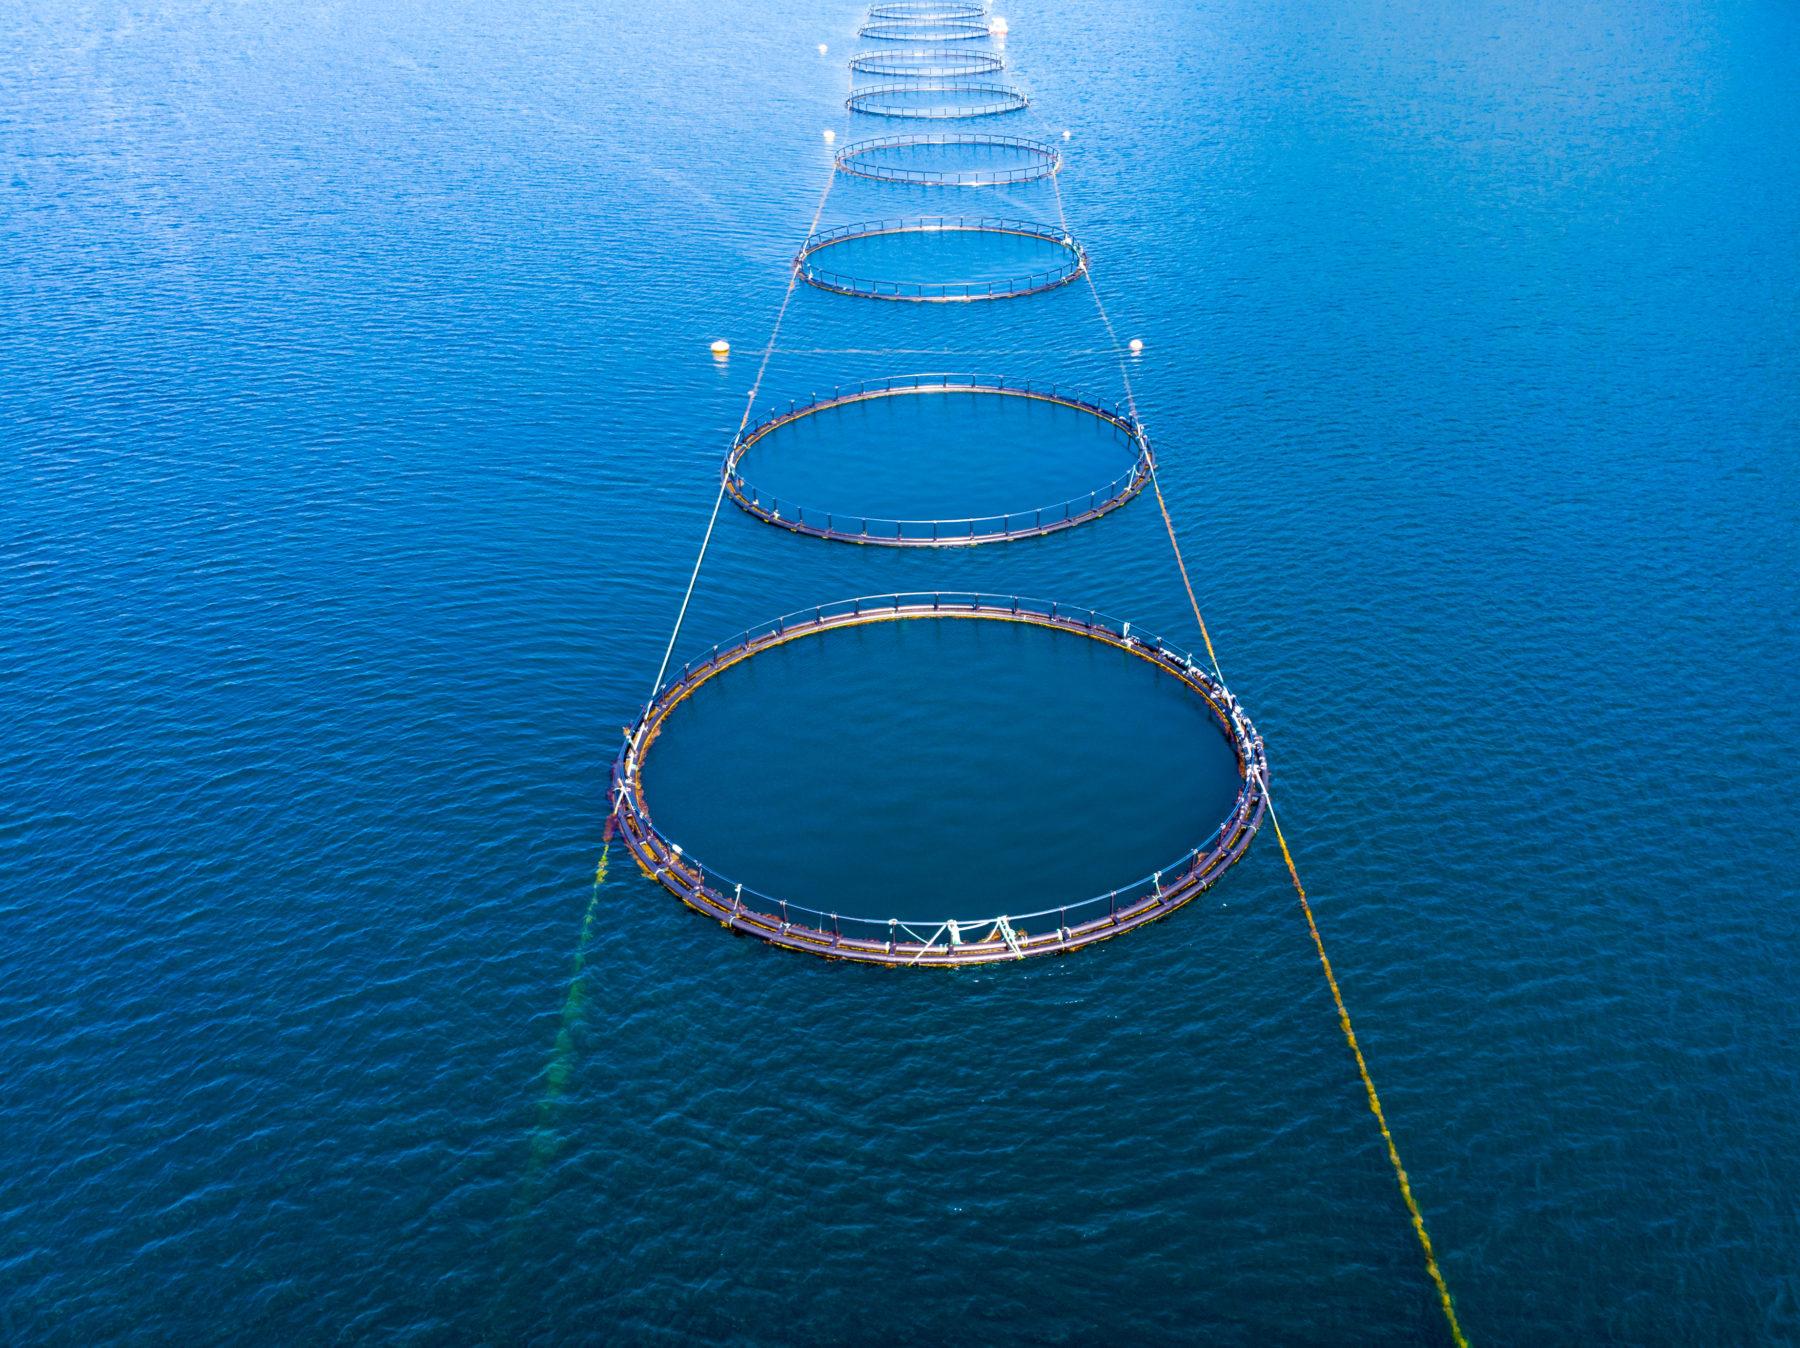 Salmon fishing fish farm on the sea in Lofoten islands Norway.